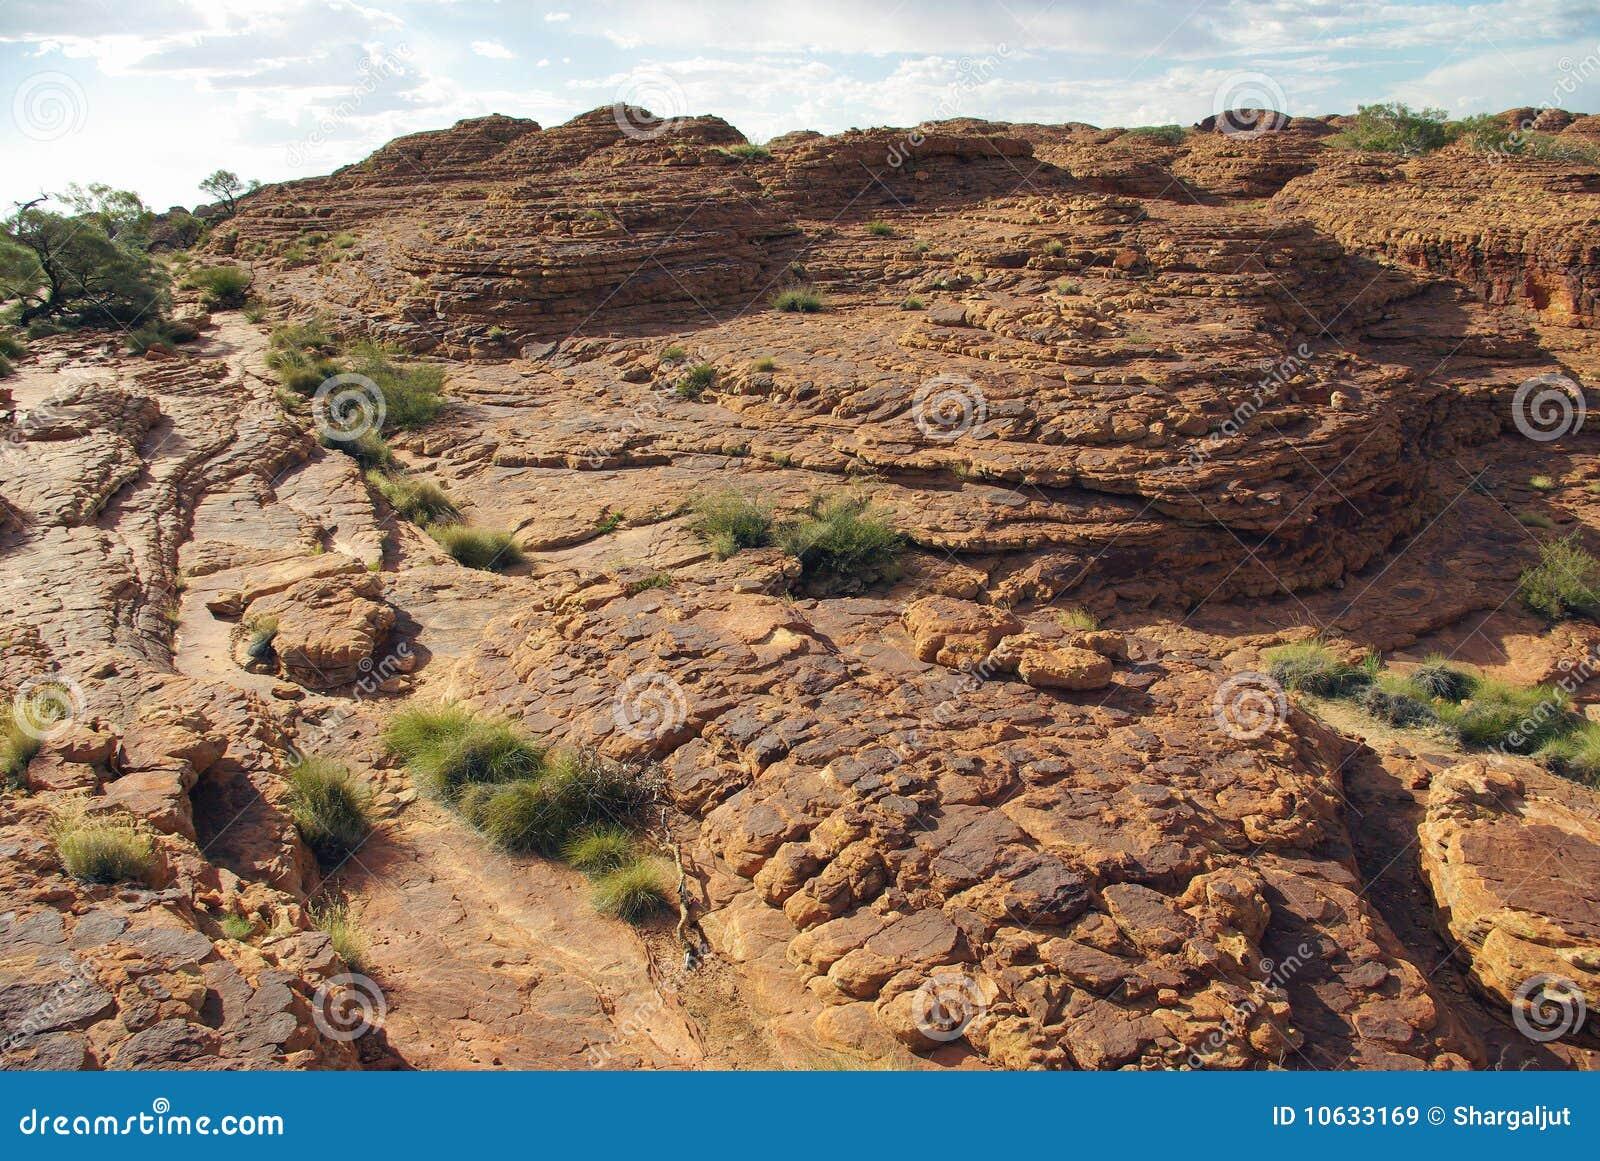 Breccia in Australian Desert